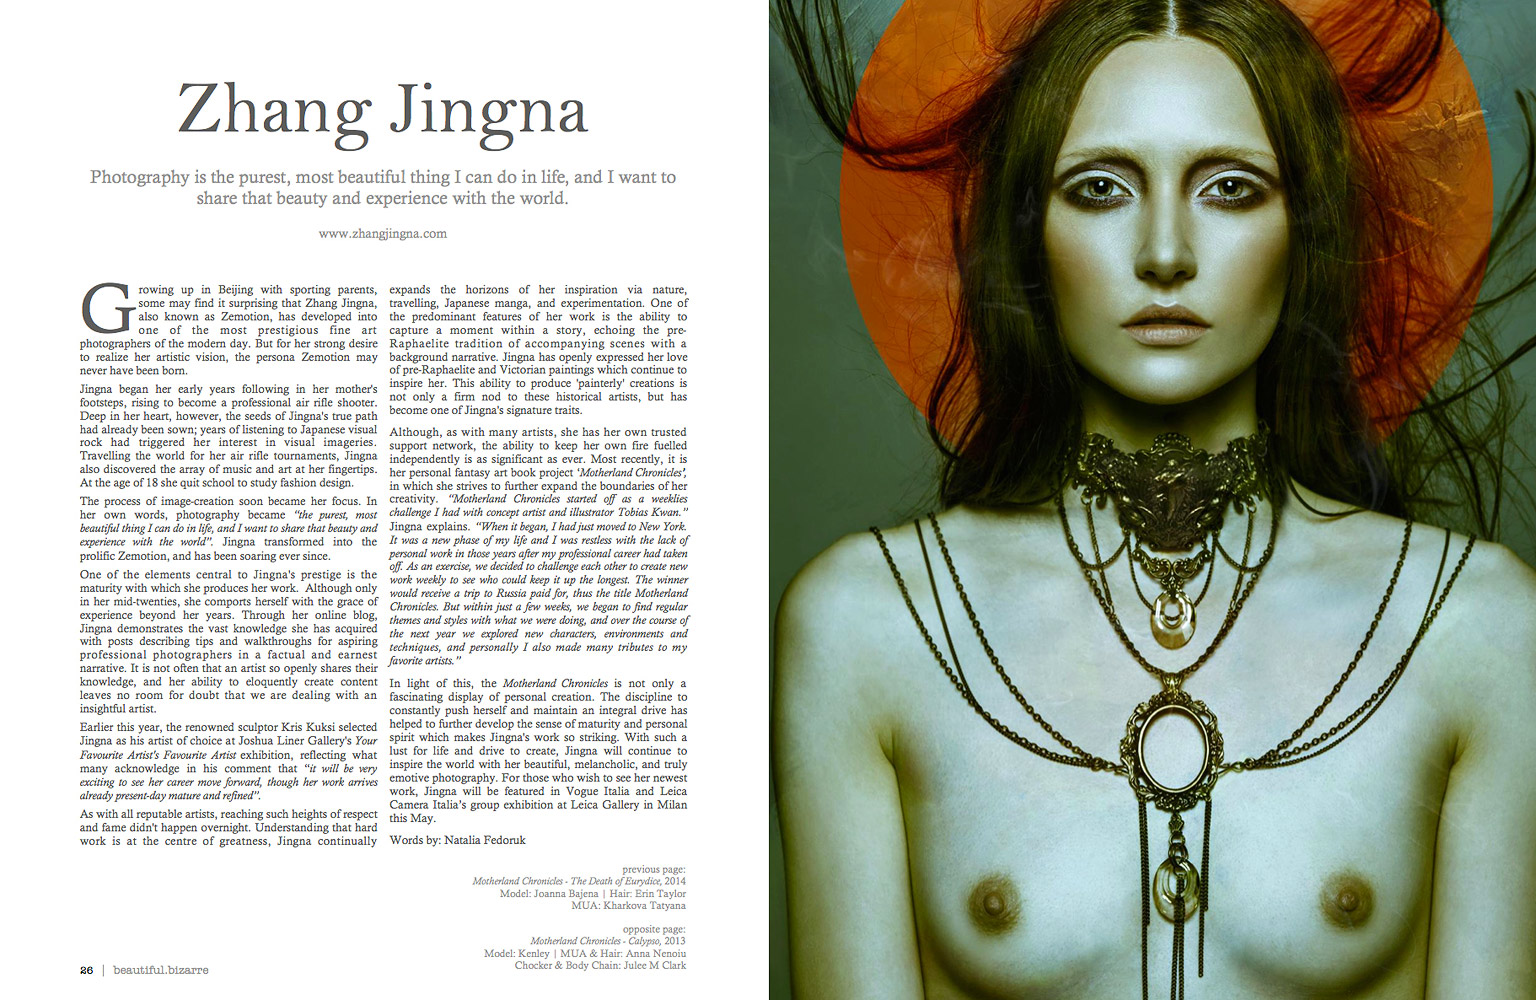 """Natalia Fedoruk, """" Zhang Jingna """",  Beautiful Bizarre  Issue 008, March 2015, 24-35."""